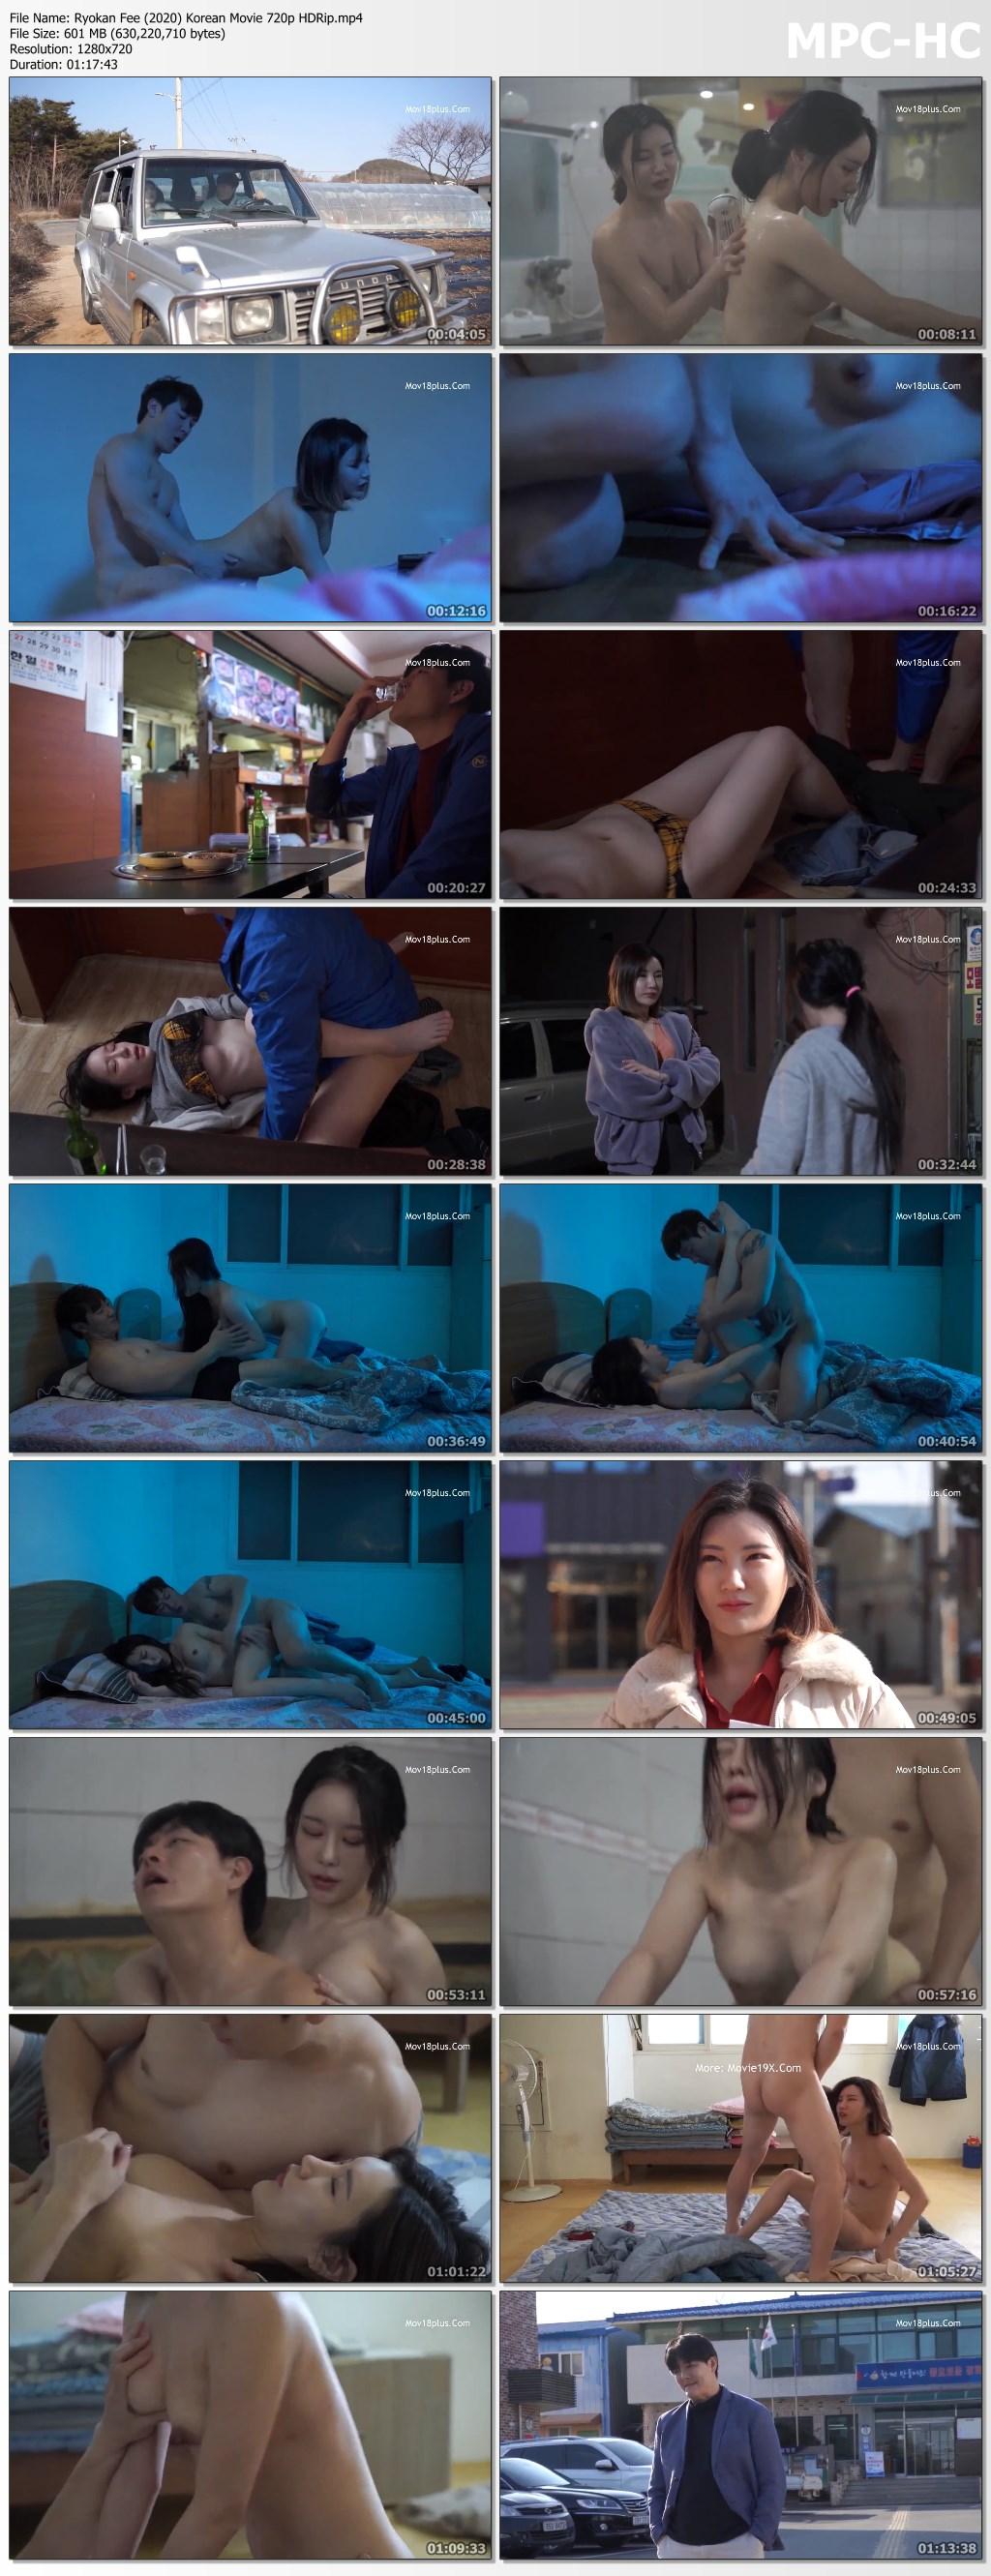 Ryokan Fee (2020) Korean Movie 720p HDRip.mp4 thumbs